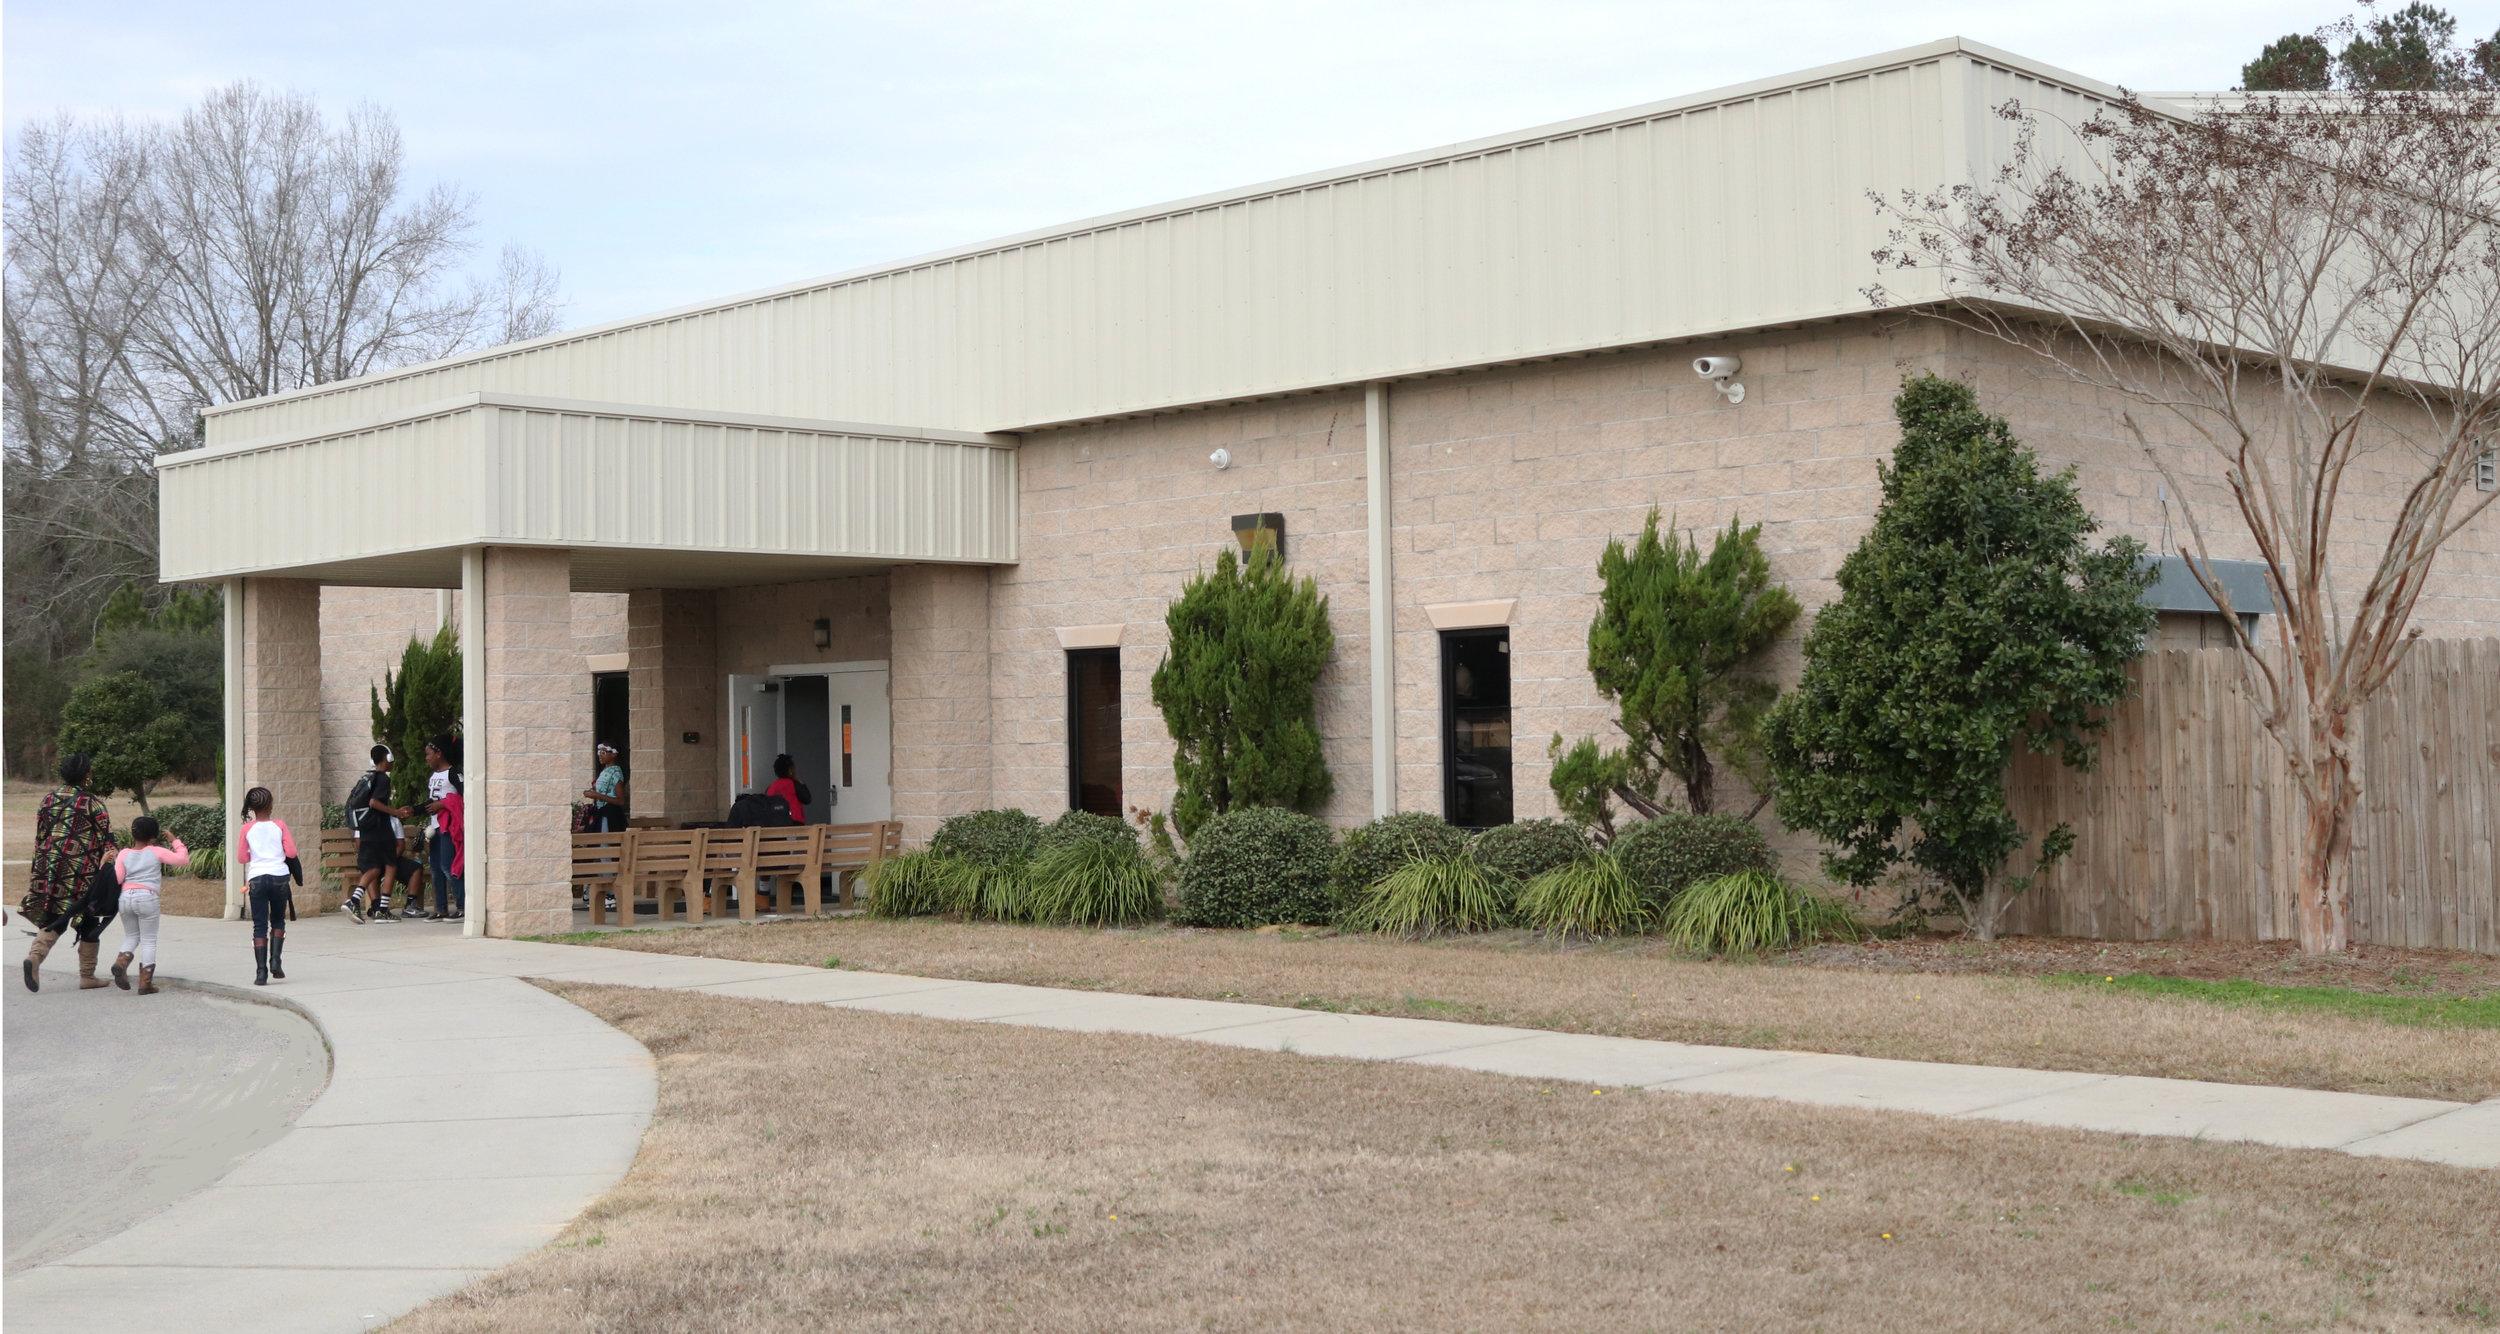 Whiteville Recreation Center 255 Rec Center Drive, Whiteville, NC 28472